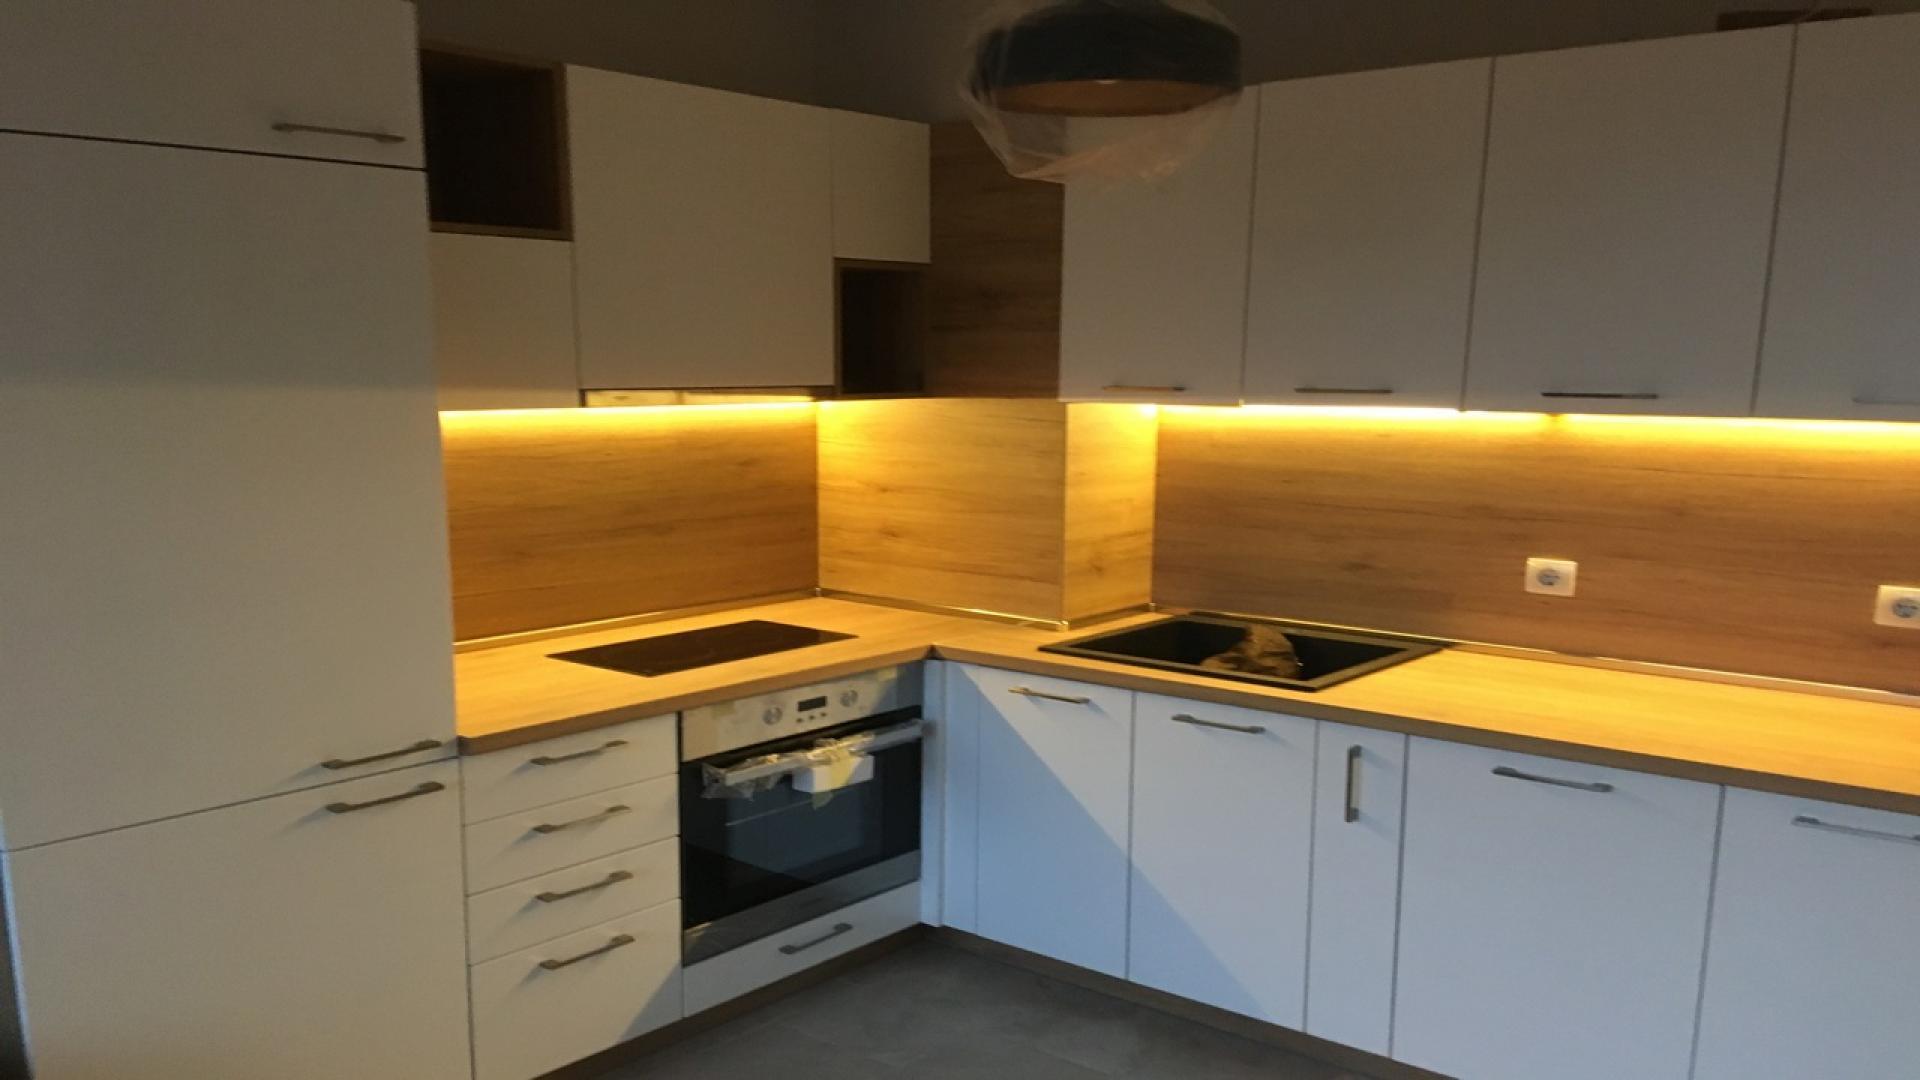 kuhnq-po-proekt-kitchen-KD-furnish-design